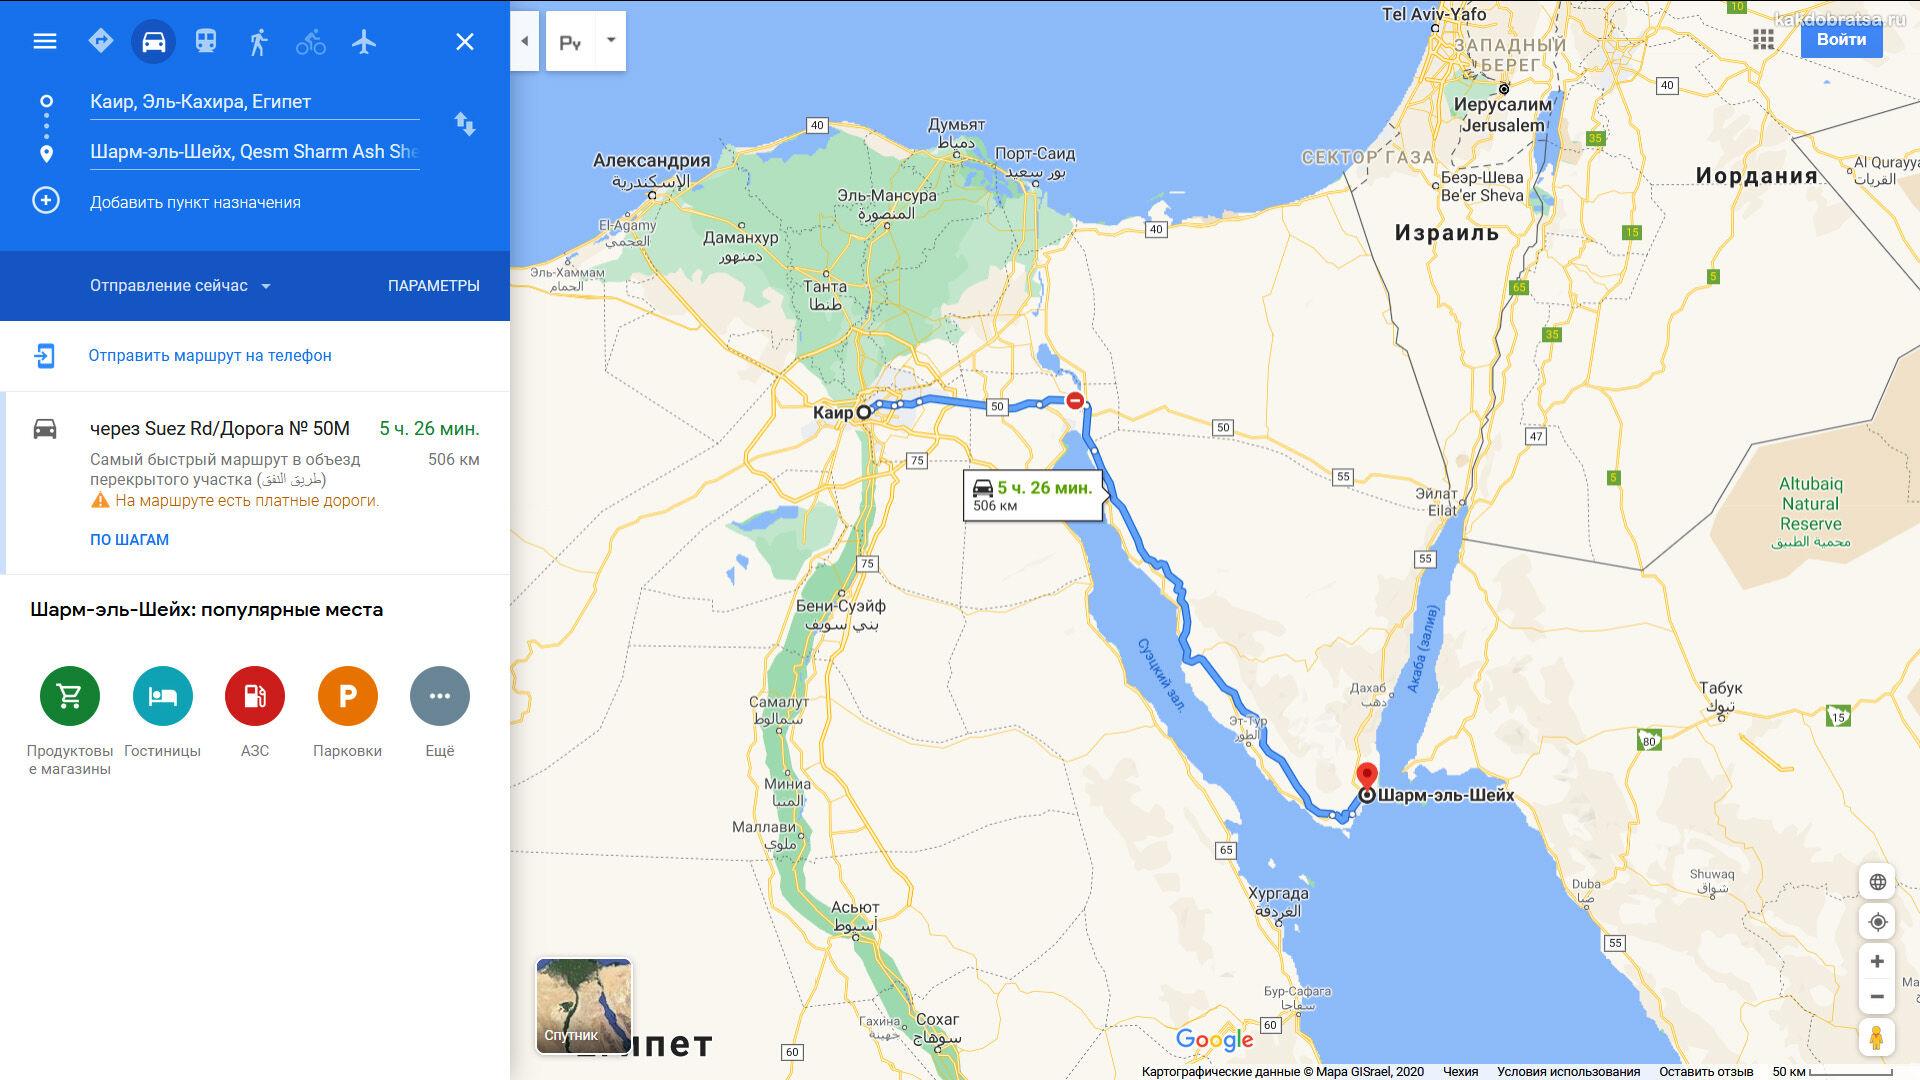 Каир Шарм-эль-Шейх расстояние, время в пути и карта